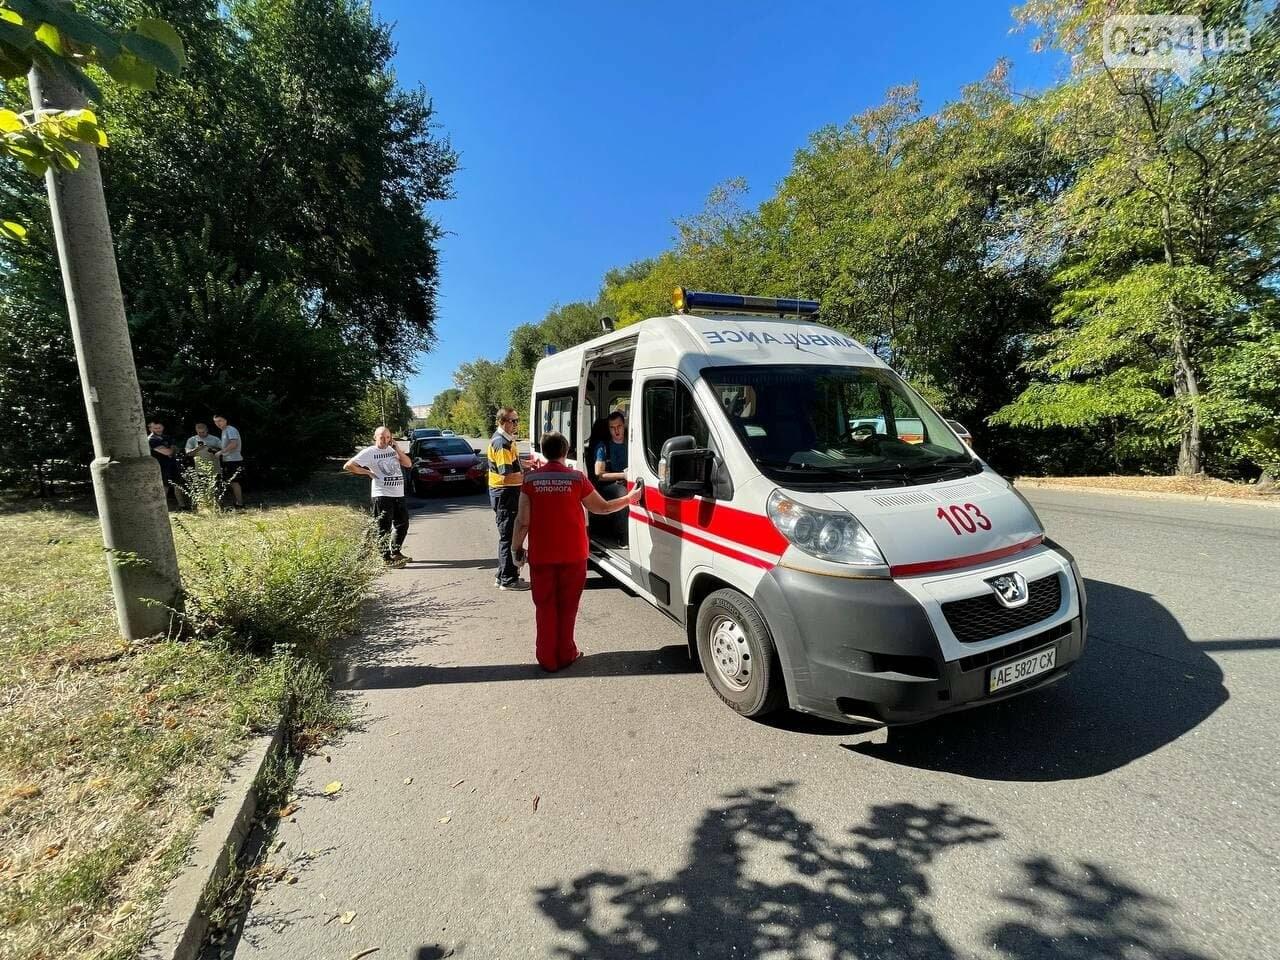 Два человека пострадали в аварии возле объездной дороги в Кривом Роге, - ФОТО, фото-2